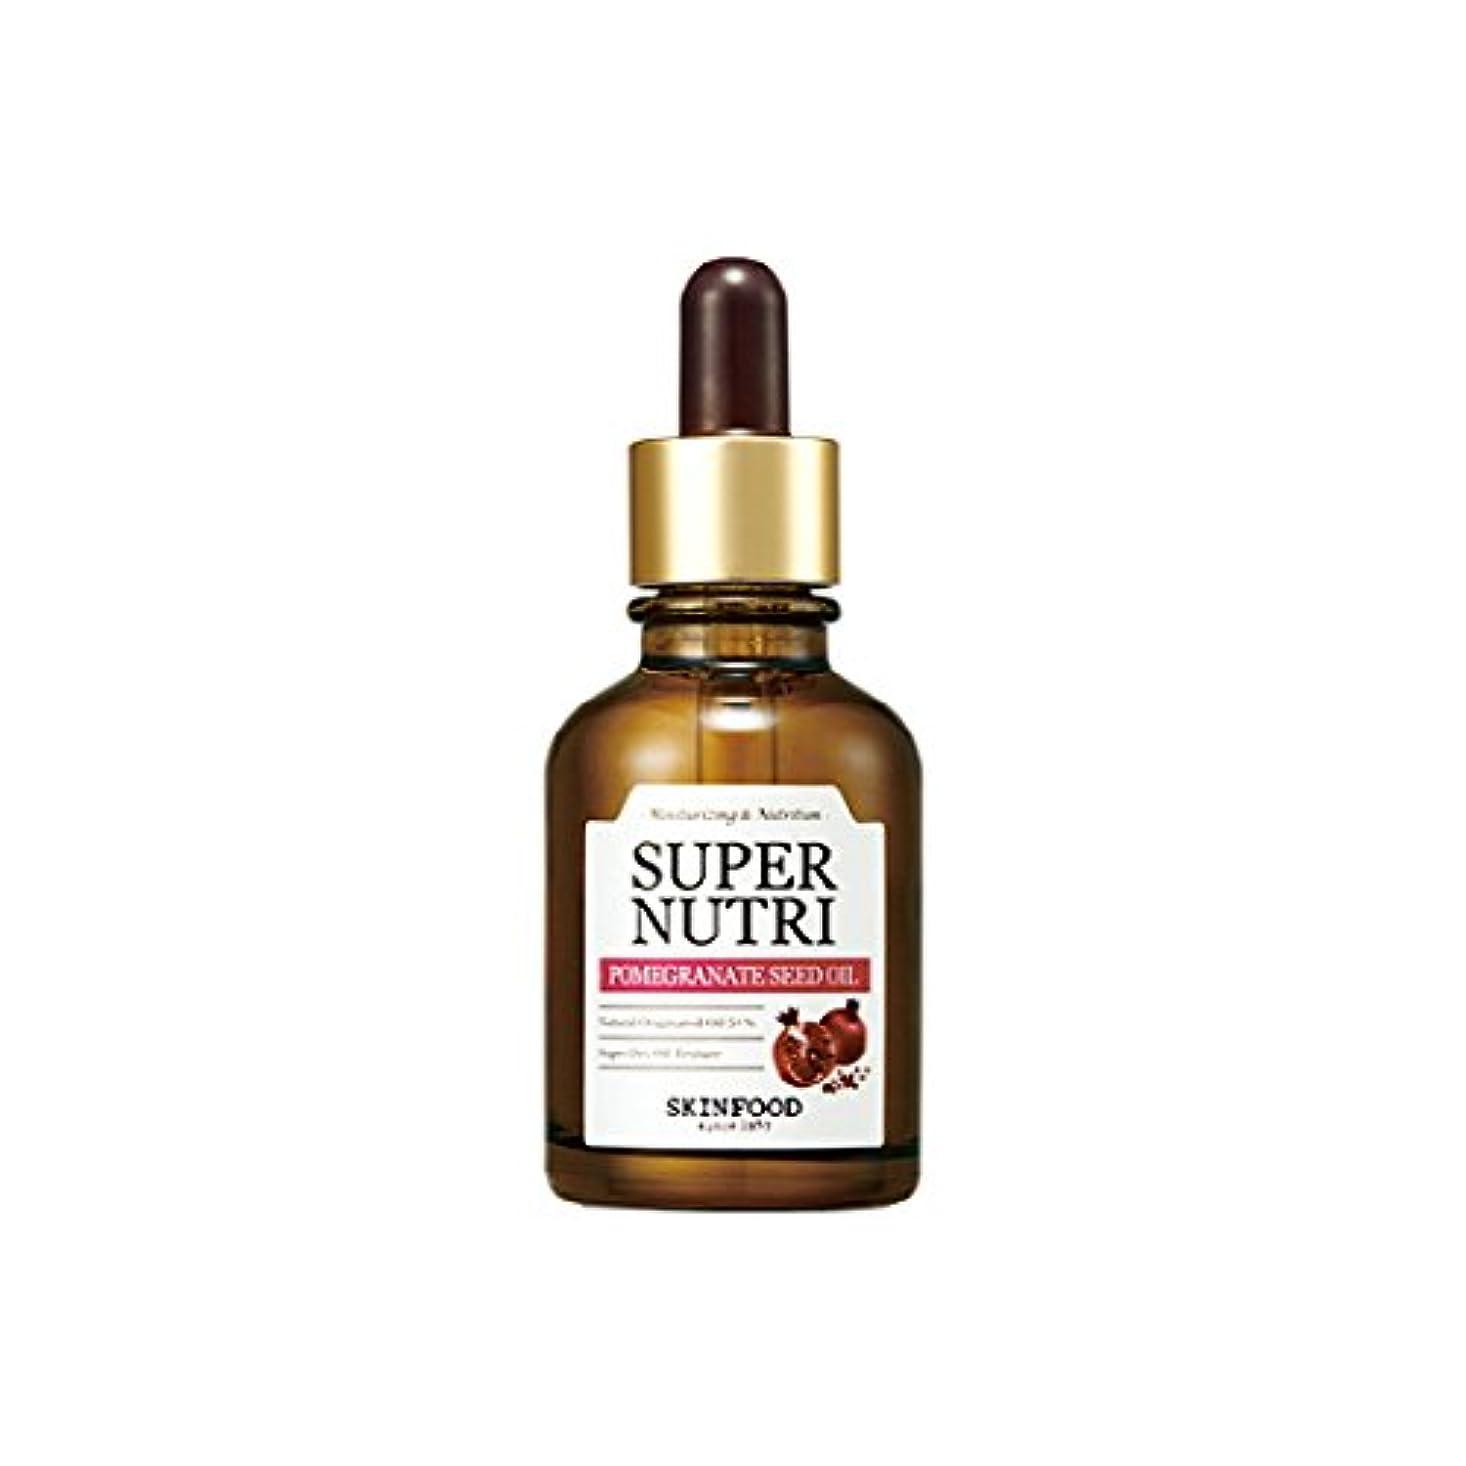 バルク重なる影のあるSkinfood スーパーニュートリザクロ種子油/Super Nutri Pomegranate Seed Oil 30ml [並行輸入品]